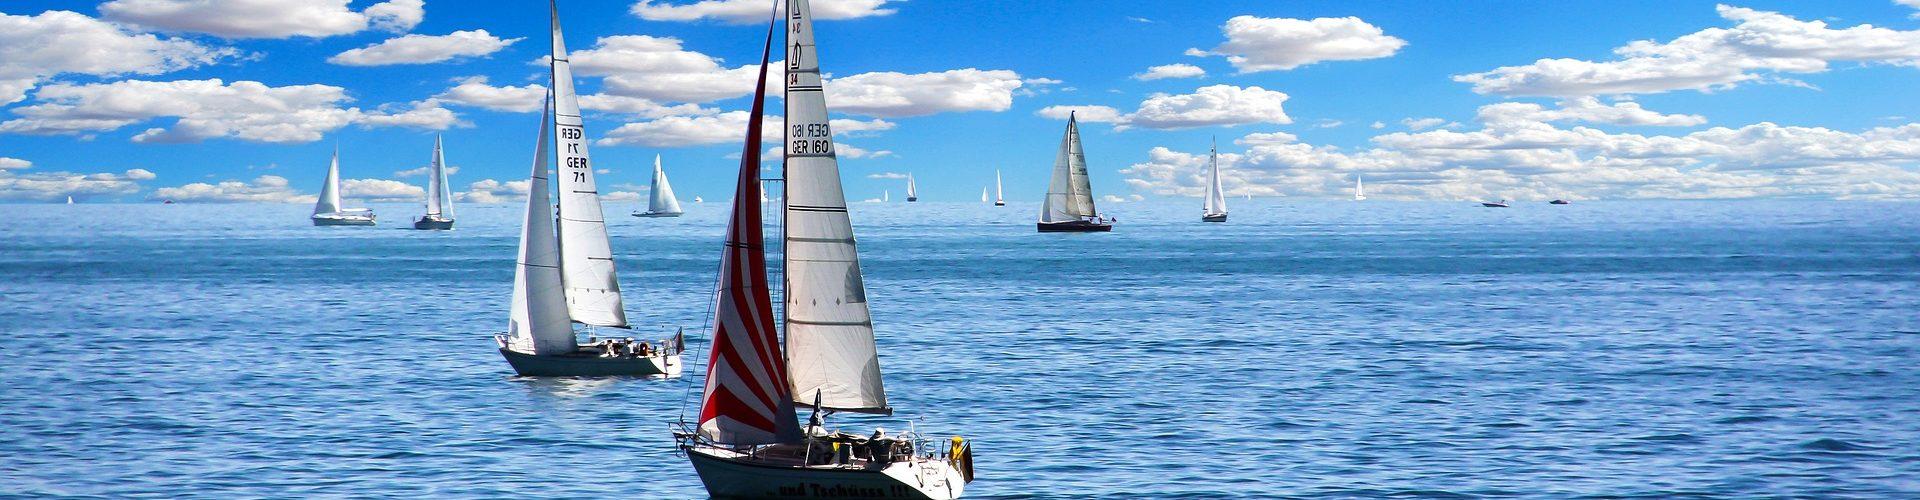 segeln lernen in Horstmar segelschein machen in Horstmar 1920x500 - Segeln lernen in Horstmar